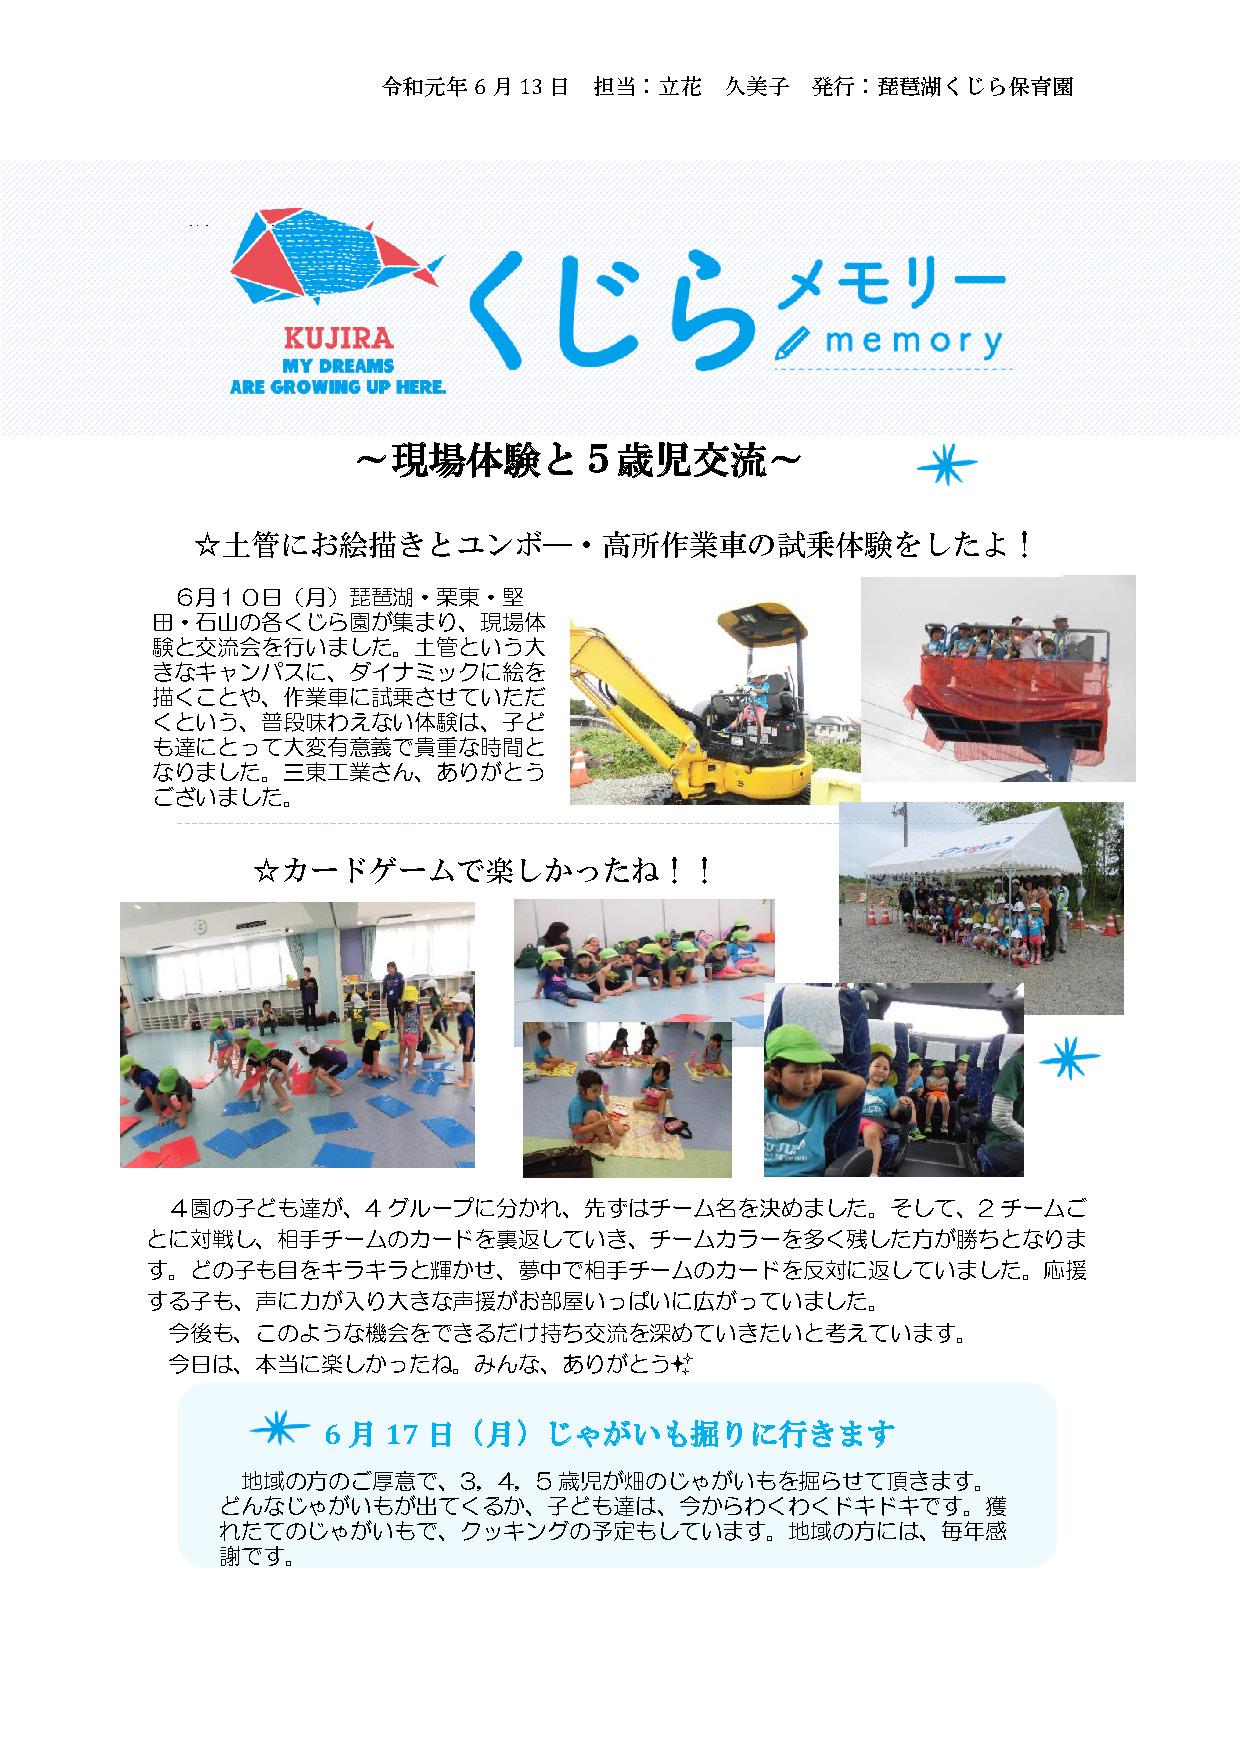 (琵琶湖)滋賀くじらテンプレート-001